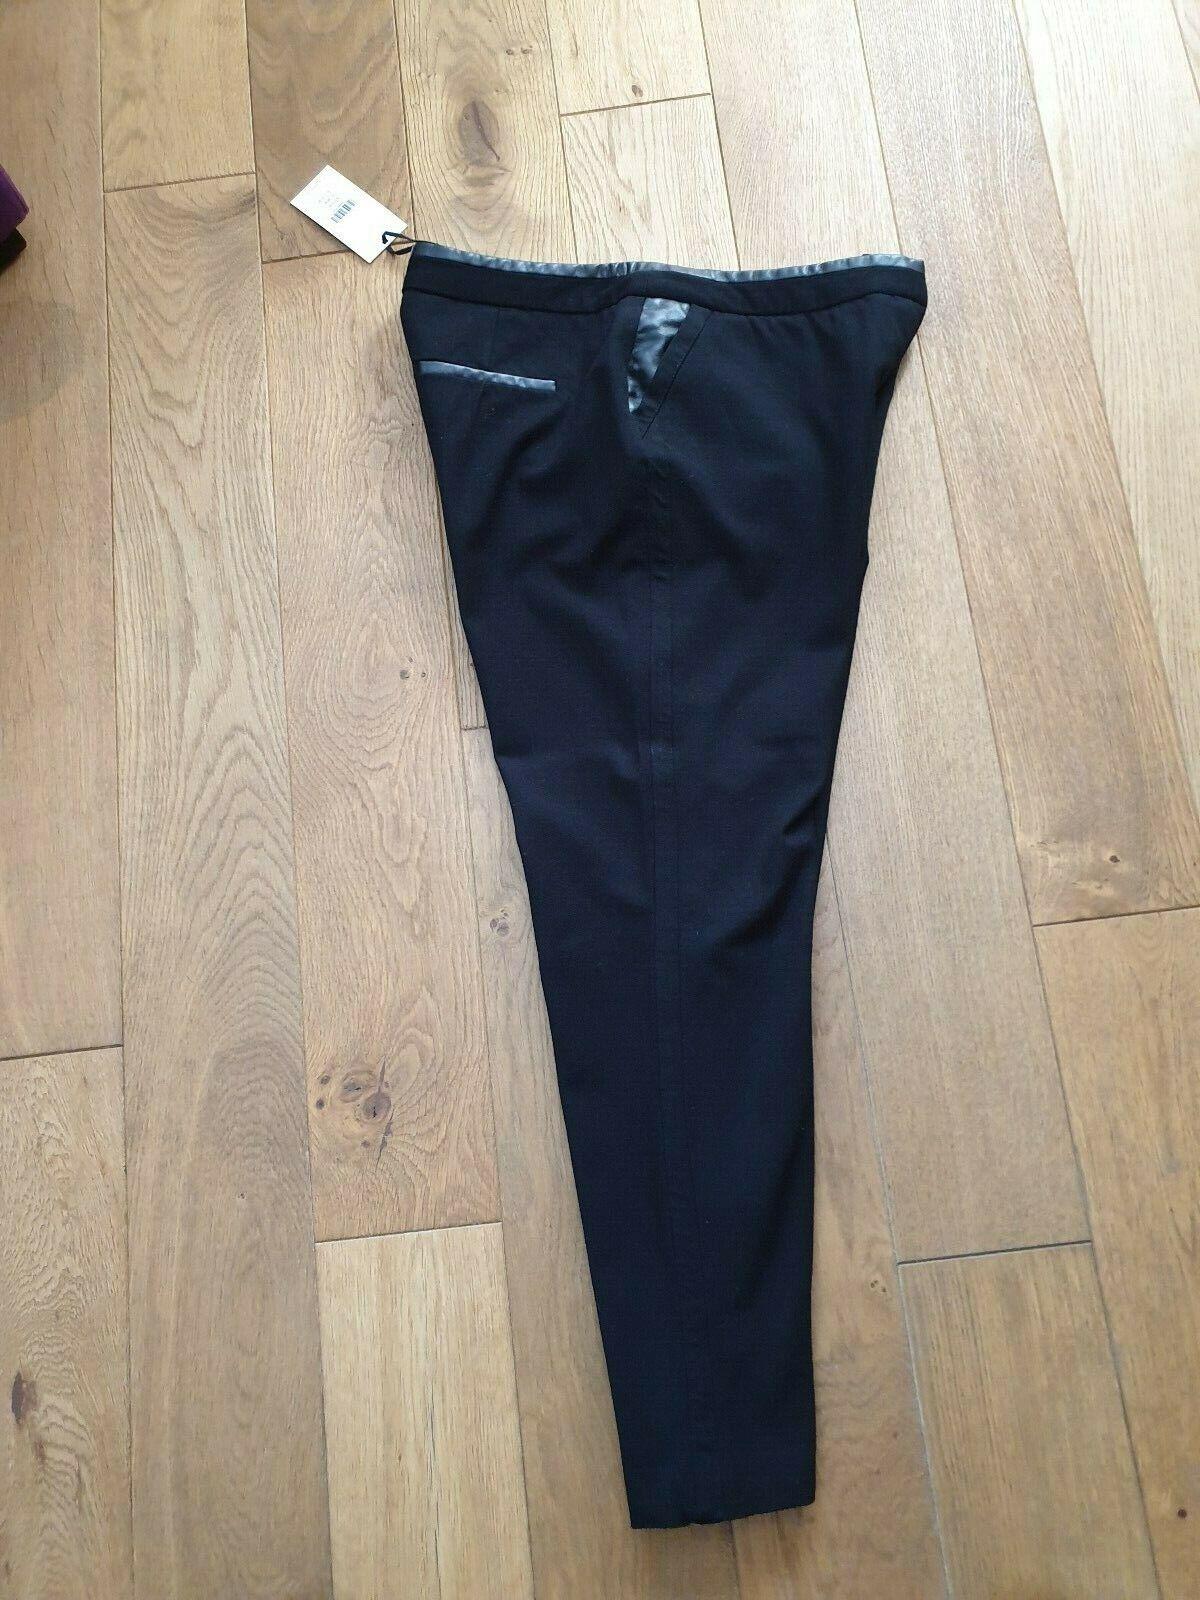 Whistles donna Nero Pantaloni con finiture in pelle pelle pelle misura uk12 0eeddc